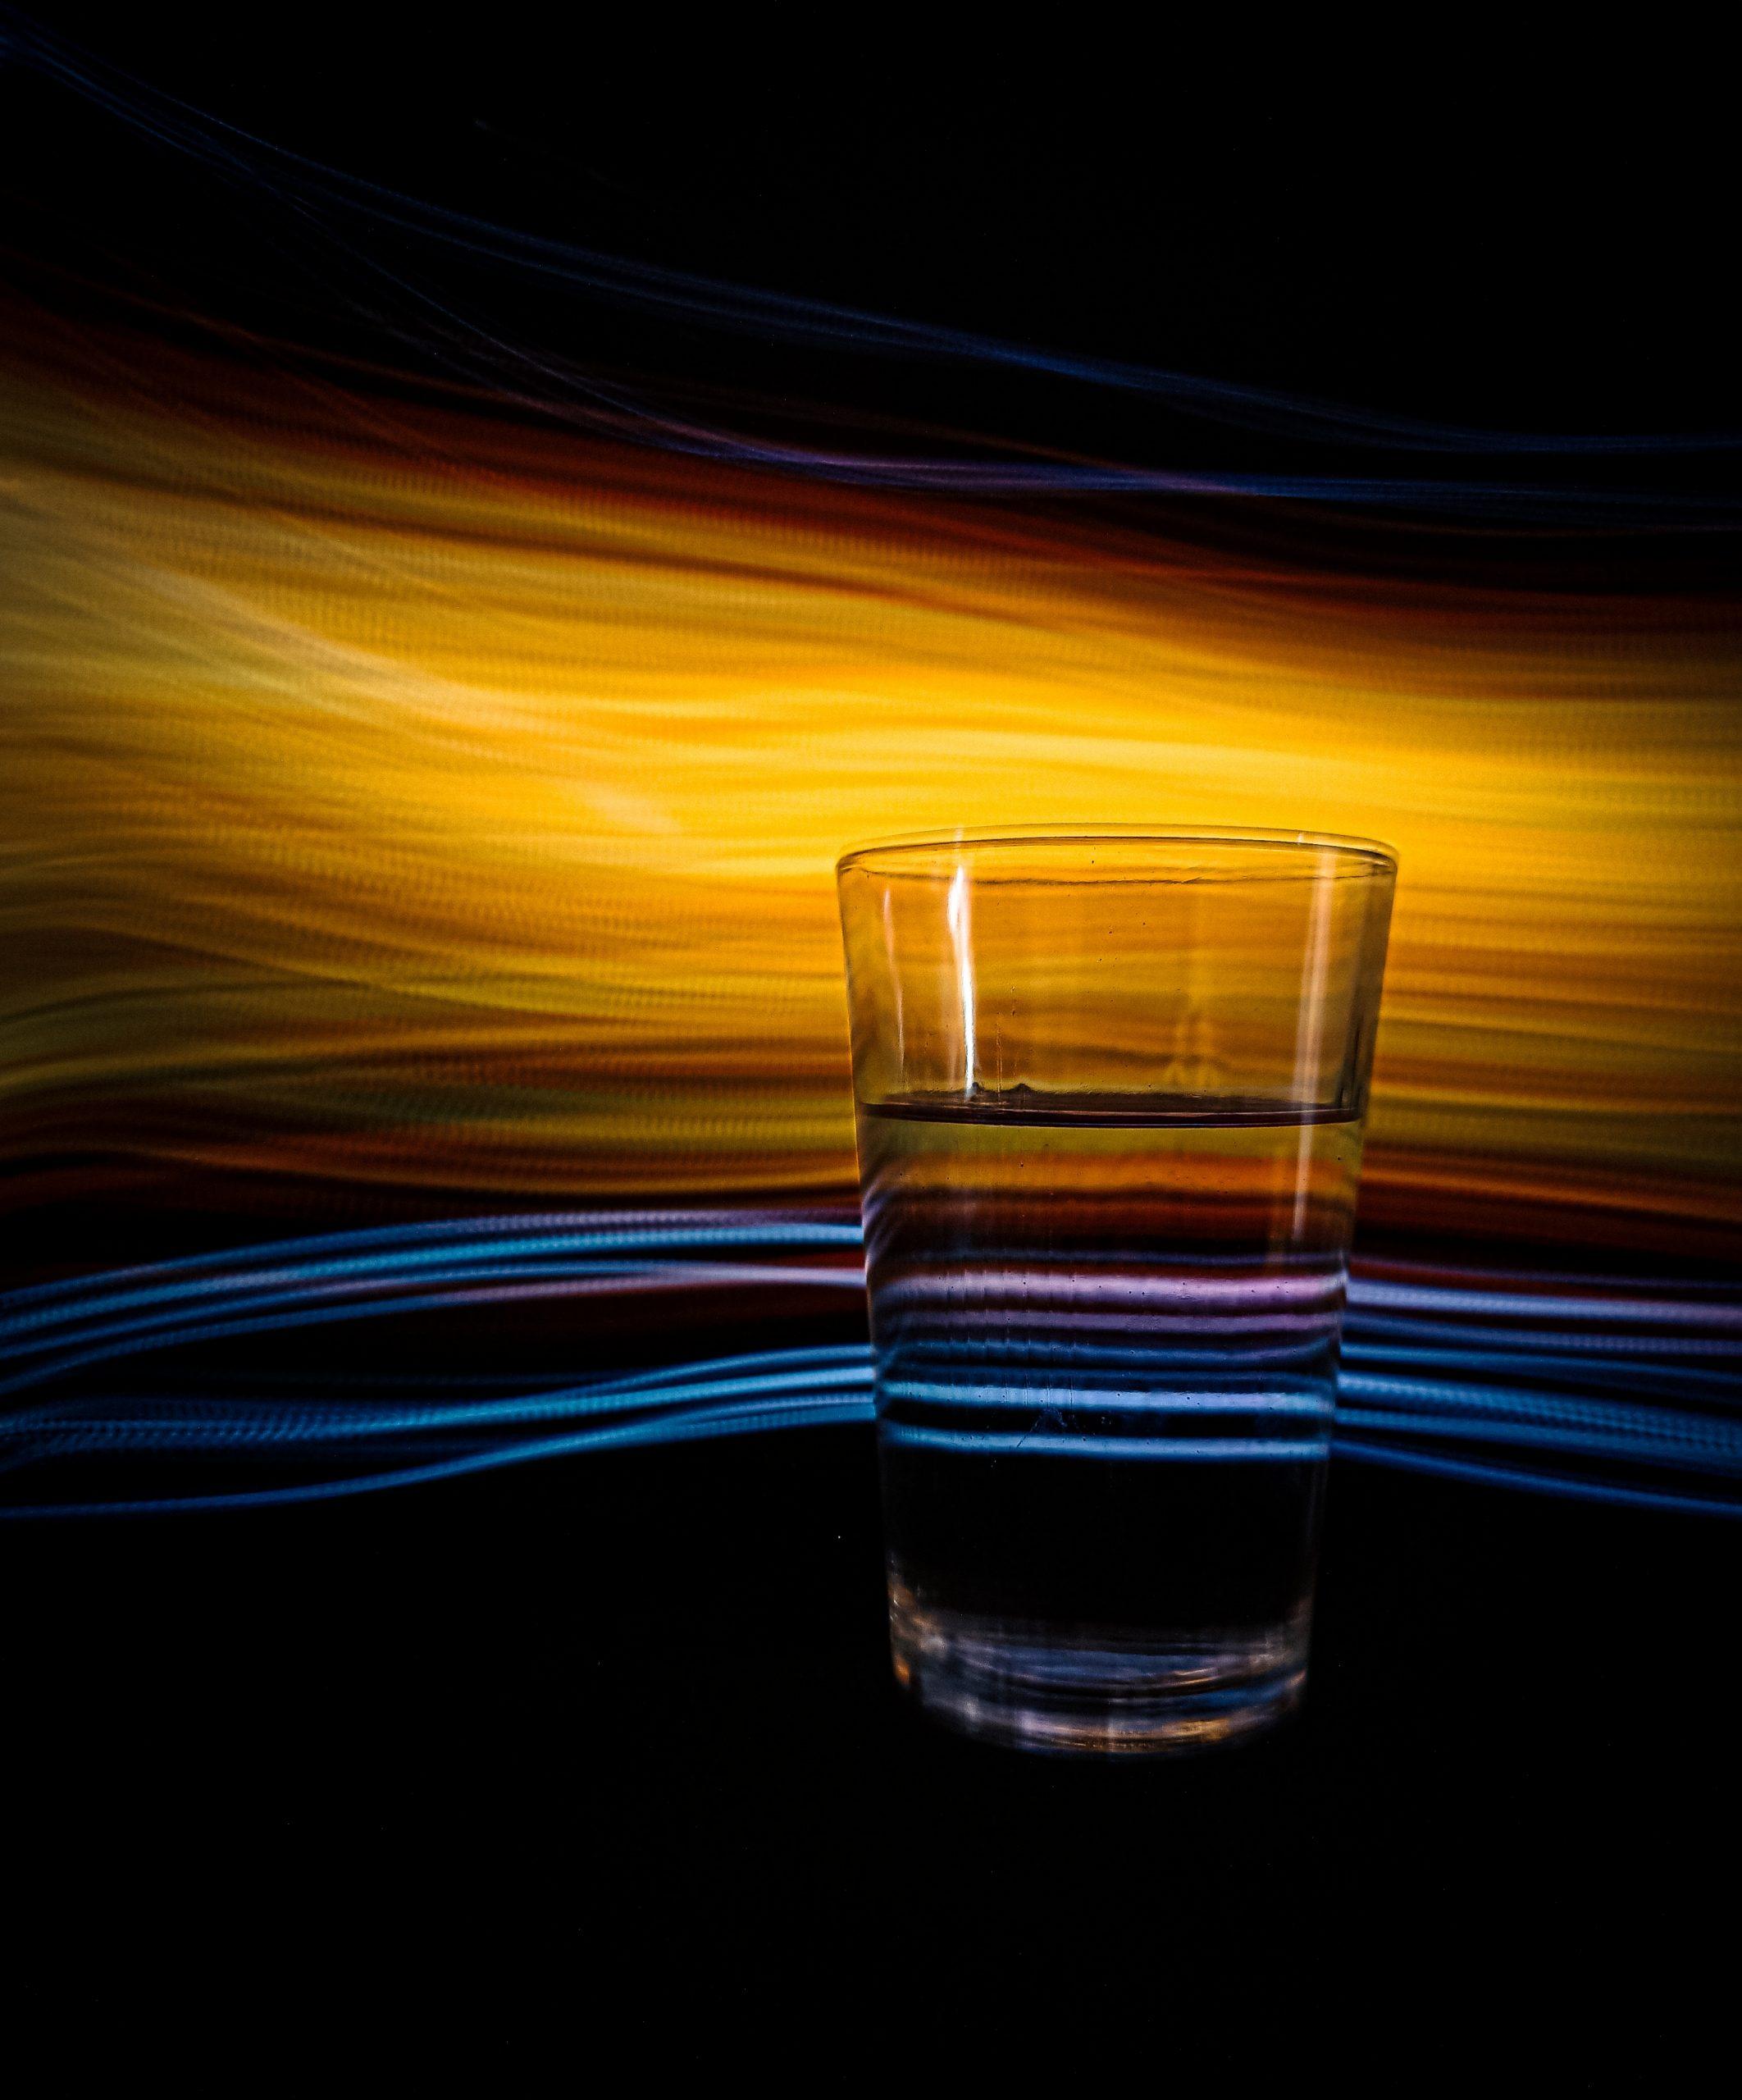 glass against light